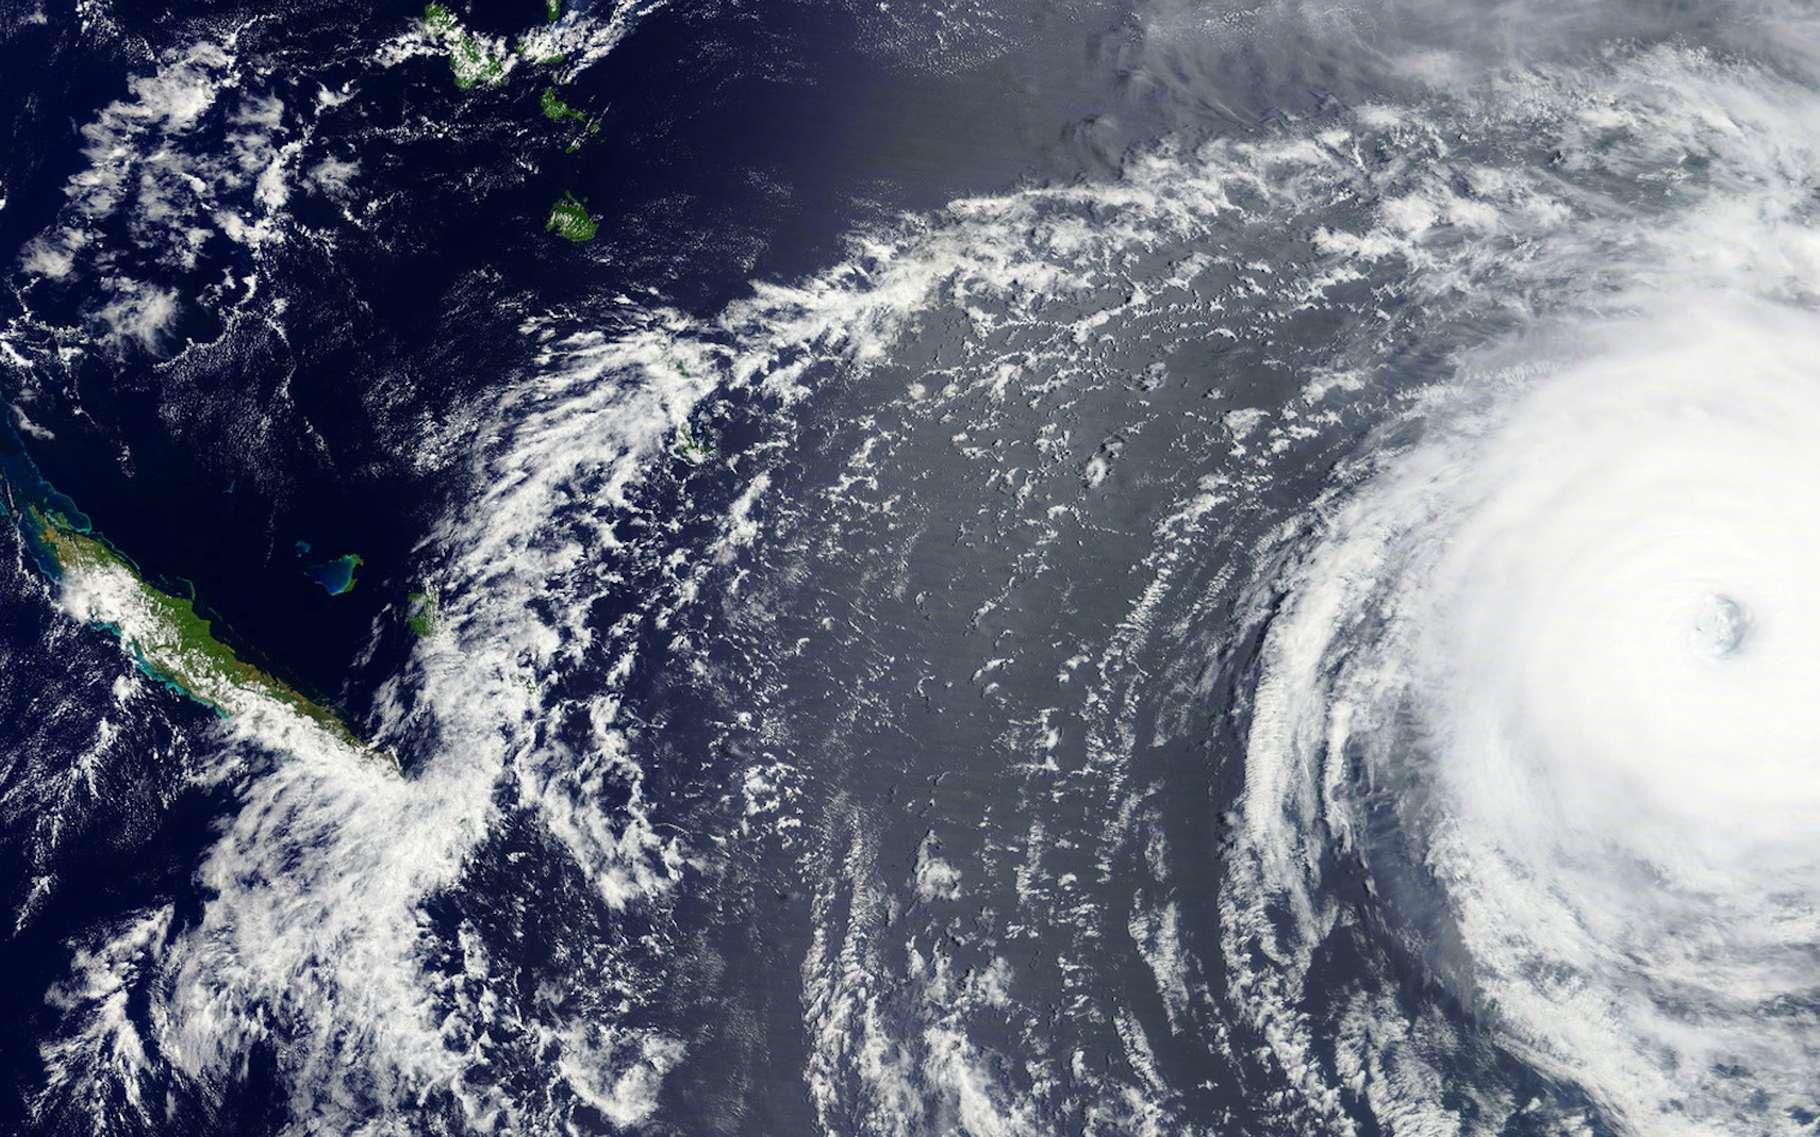 Lorsque l'on prend de la hauteur, on comprend aisément comment les ouragans, les typhons et les cyclones peuvent être aussi dévastateurs et parfois, meurtriers. Ici, le cyclone Gita s'approchant des Tonga en février 2018. Heureusement, seulement deux morts furent à déplorer après son passage. © lavizzara, Fotolia